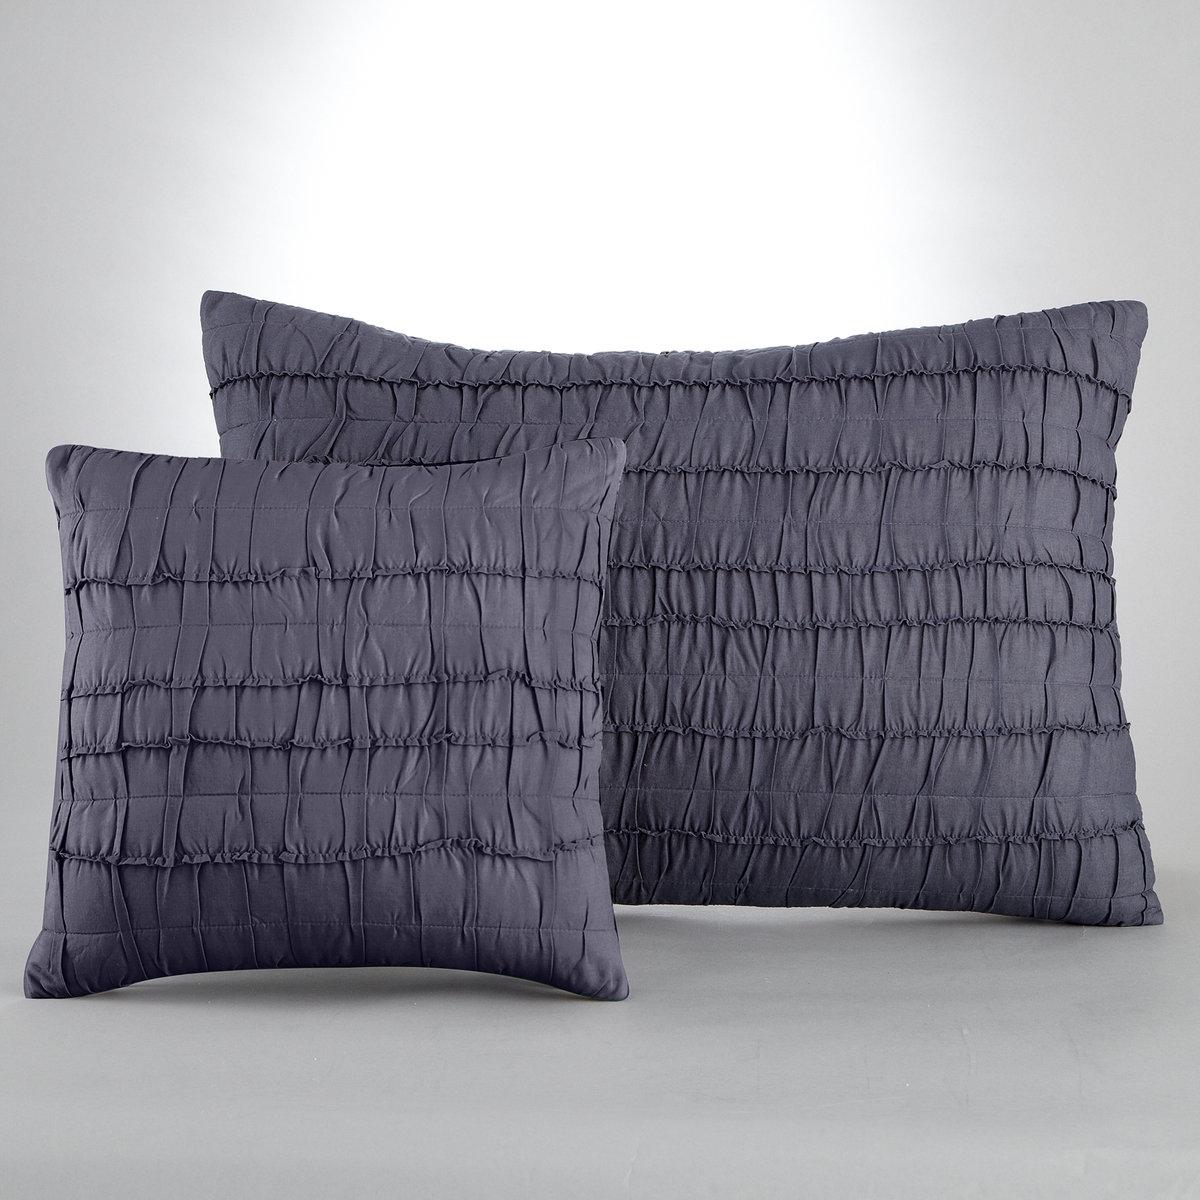 Чехол для подушки МеннаЭффект плиссировки.Характеристики:100 % хлопка (200 г/м?), 1 сторона с плиссировкой, 1 гладкая однотонная сторона, 100% хлопка. Застежка на скрытую молнию. Стирка при 40°<br><br>Цвет: серый,сине-серый<br>Размер: 40 x 40  см